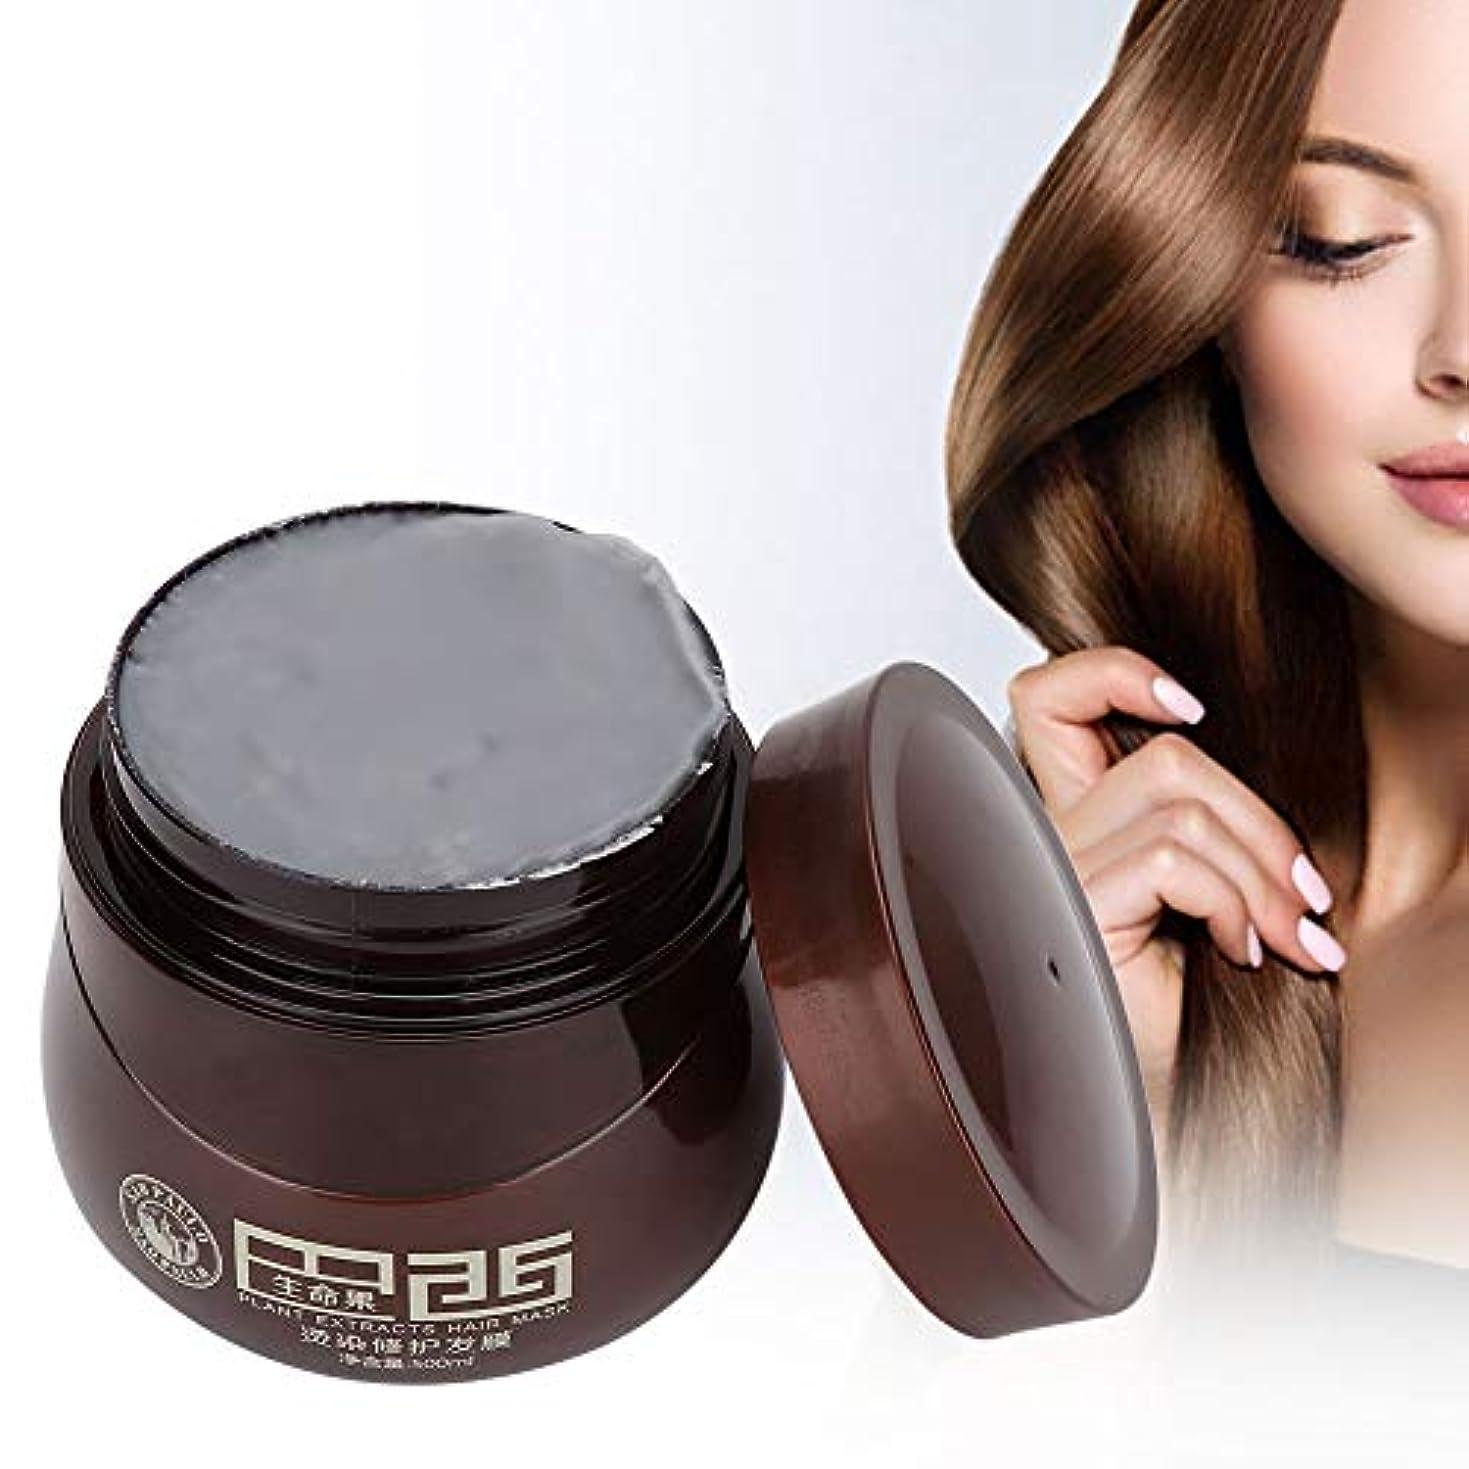 低下ベンチ呪われたヘアマスク、染毛剤ダメージヘアナリッシングリペアマスクトリートメントコンディショナープロのヘアサロンや家庭での使用に最適500ml